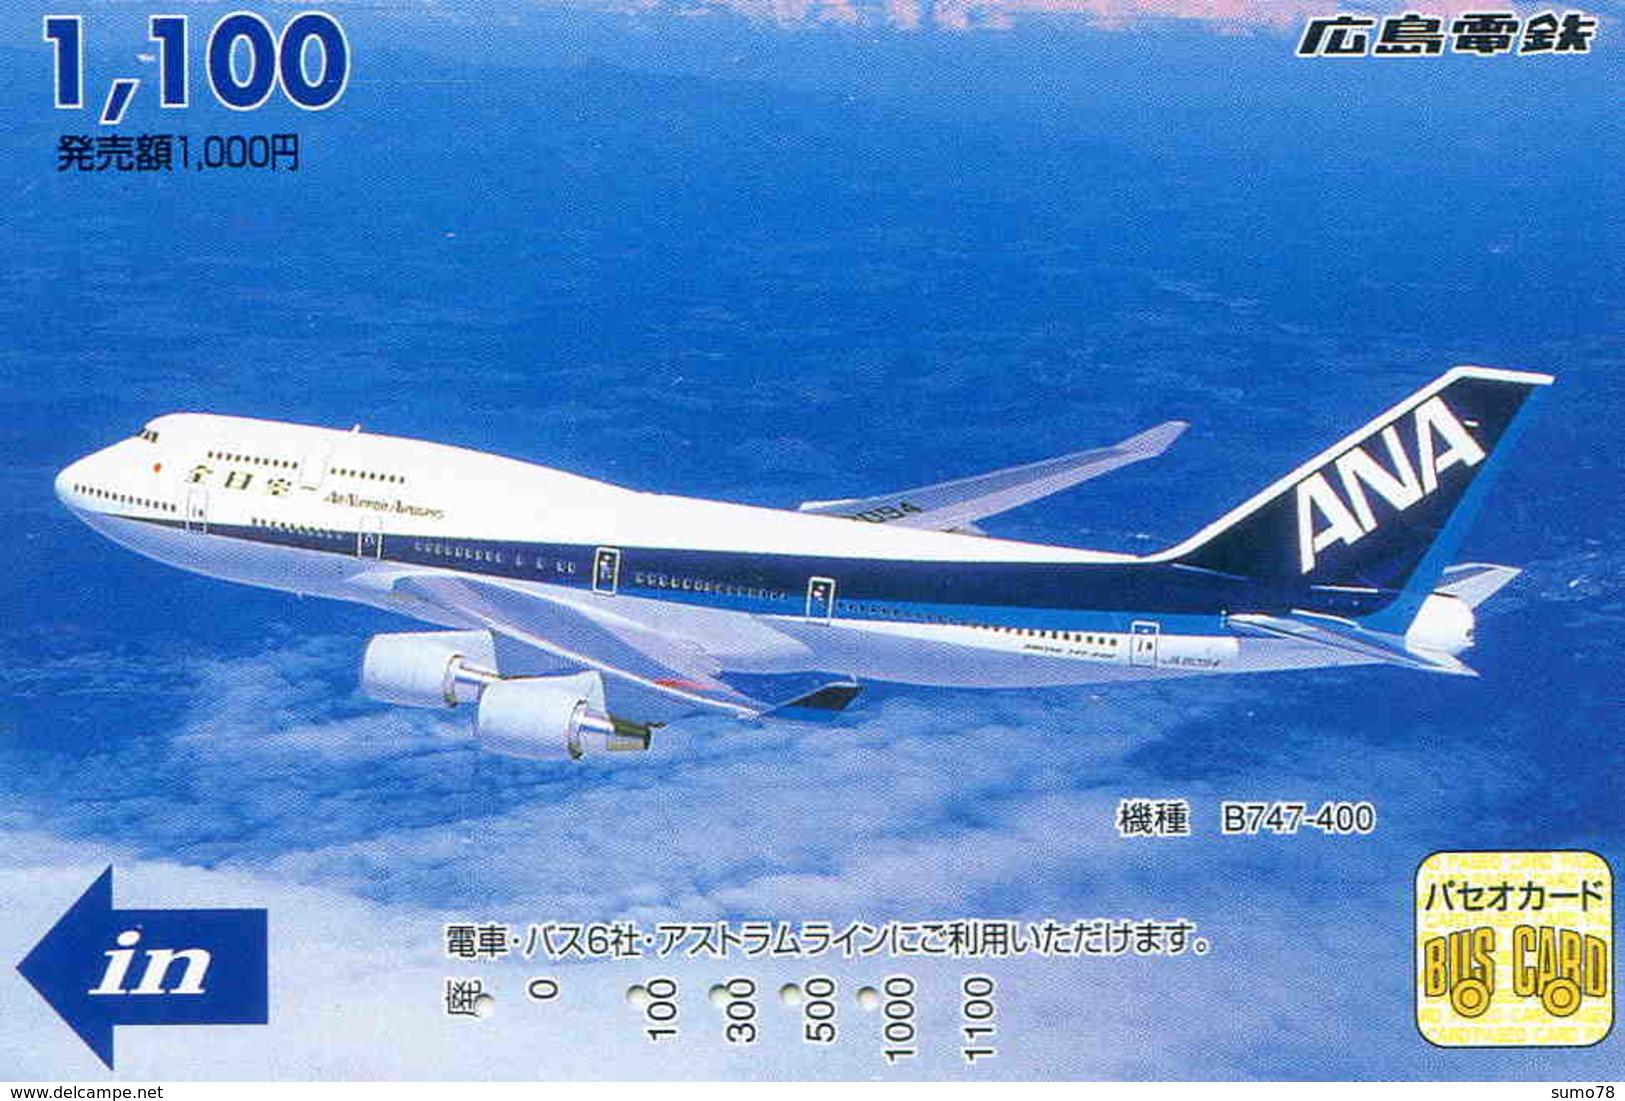 AVION - AVIATION - PLANE - AEROPORT - AIRPORT - ESPACE - Carte Prépaid Japon - Vliegtuigen